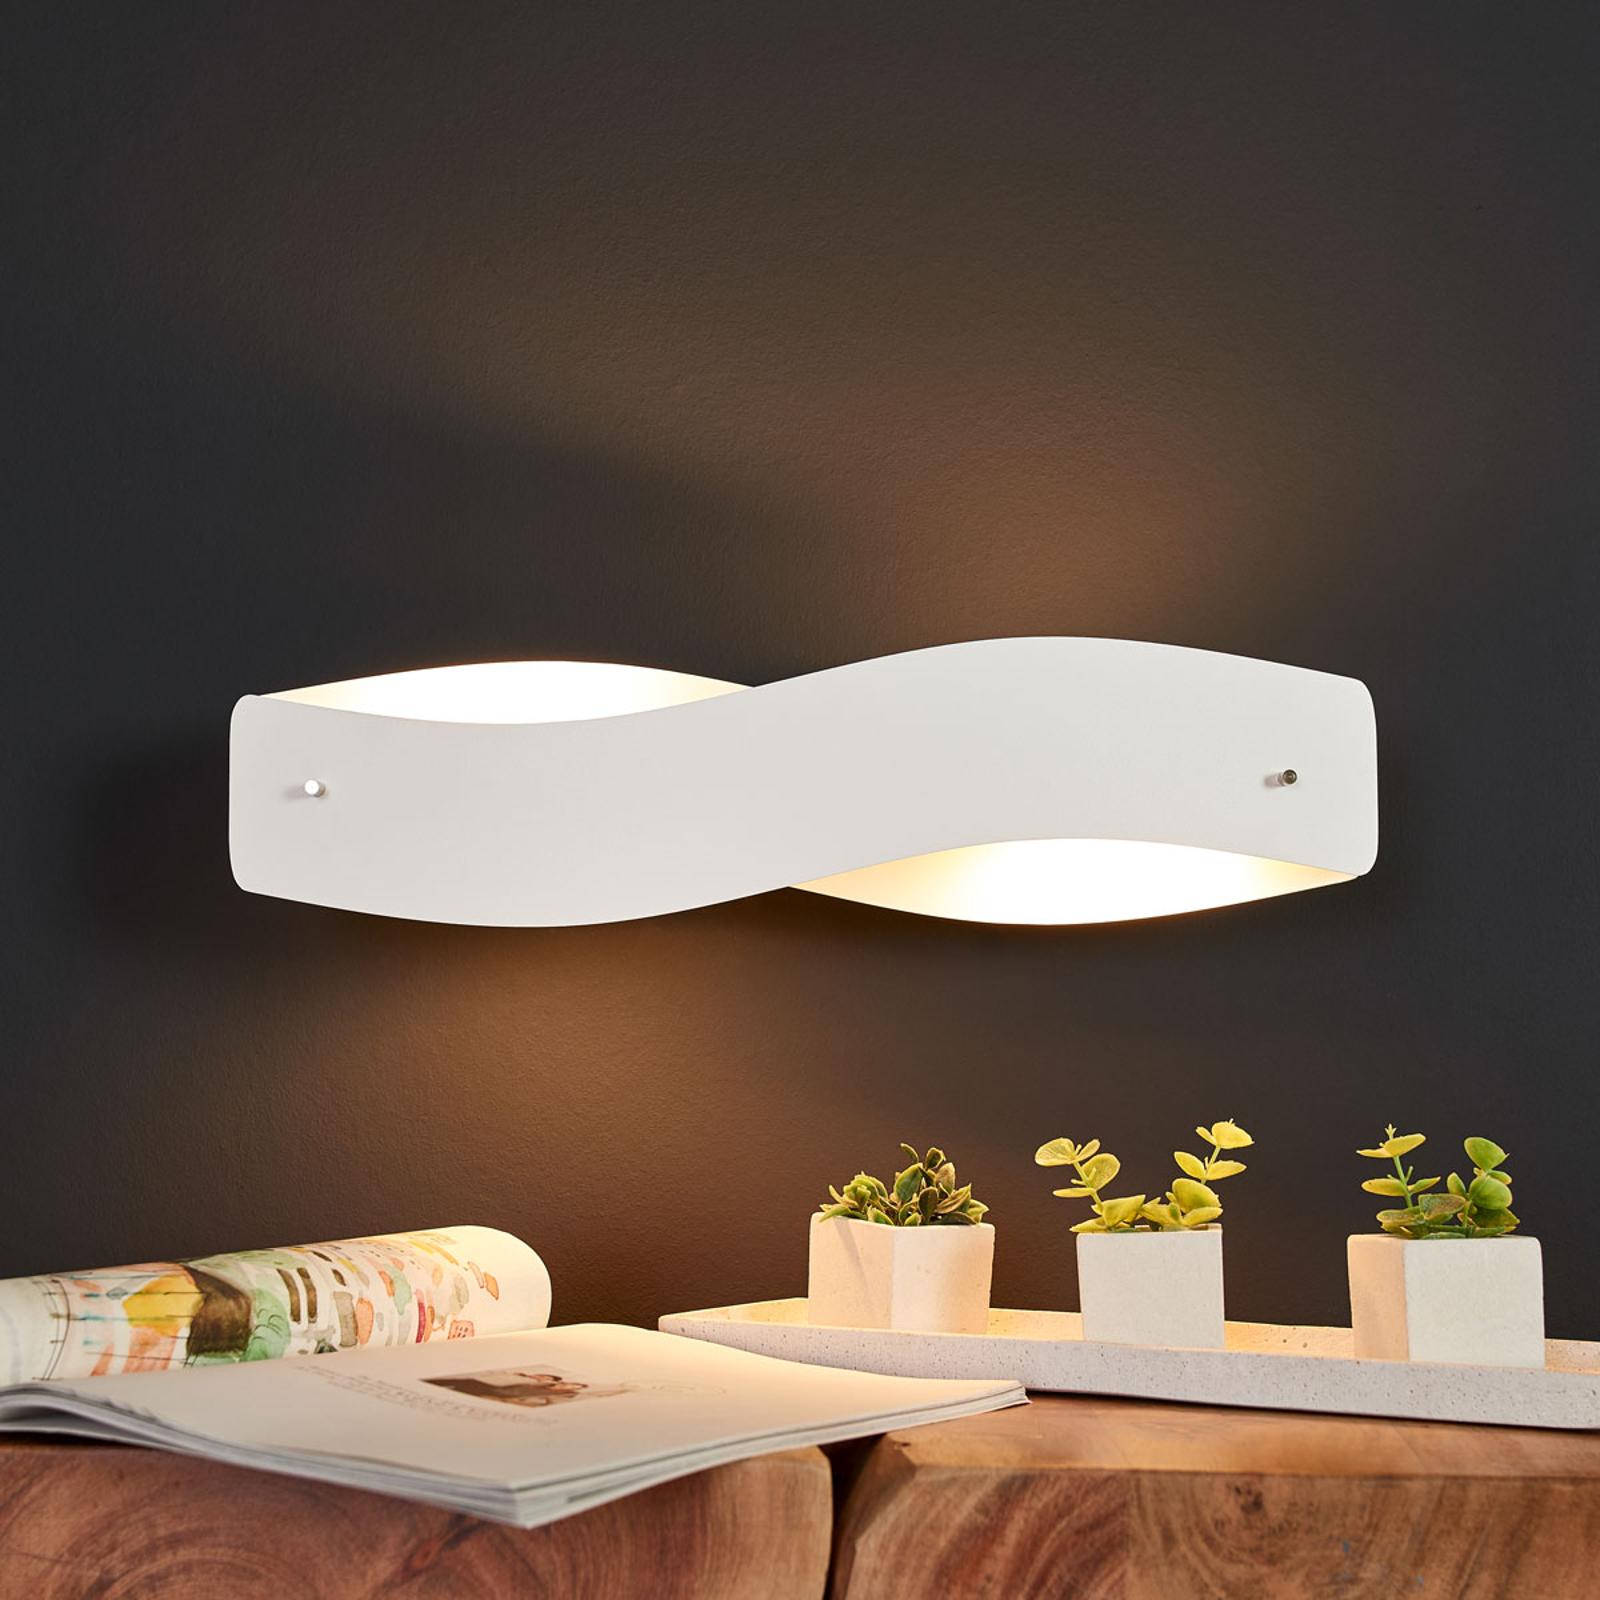 Valkoinen LED-seinävalaisin Lian, himmennettävä